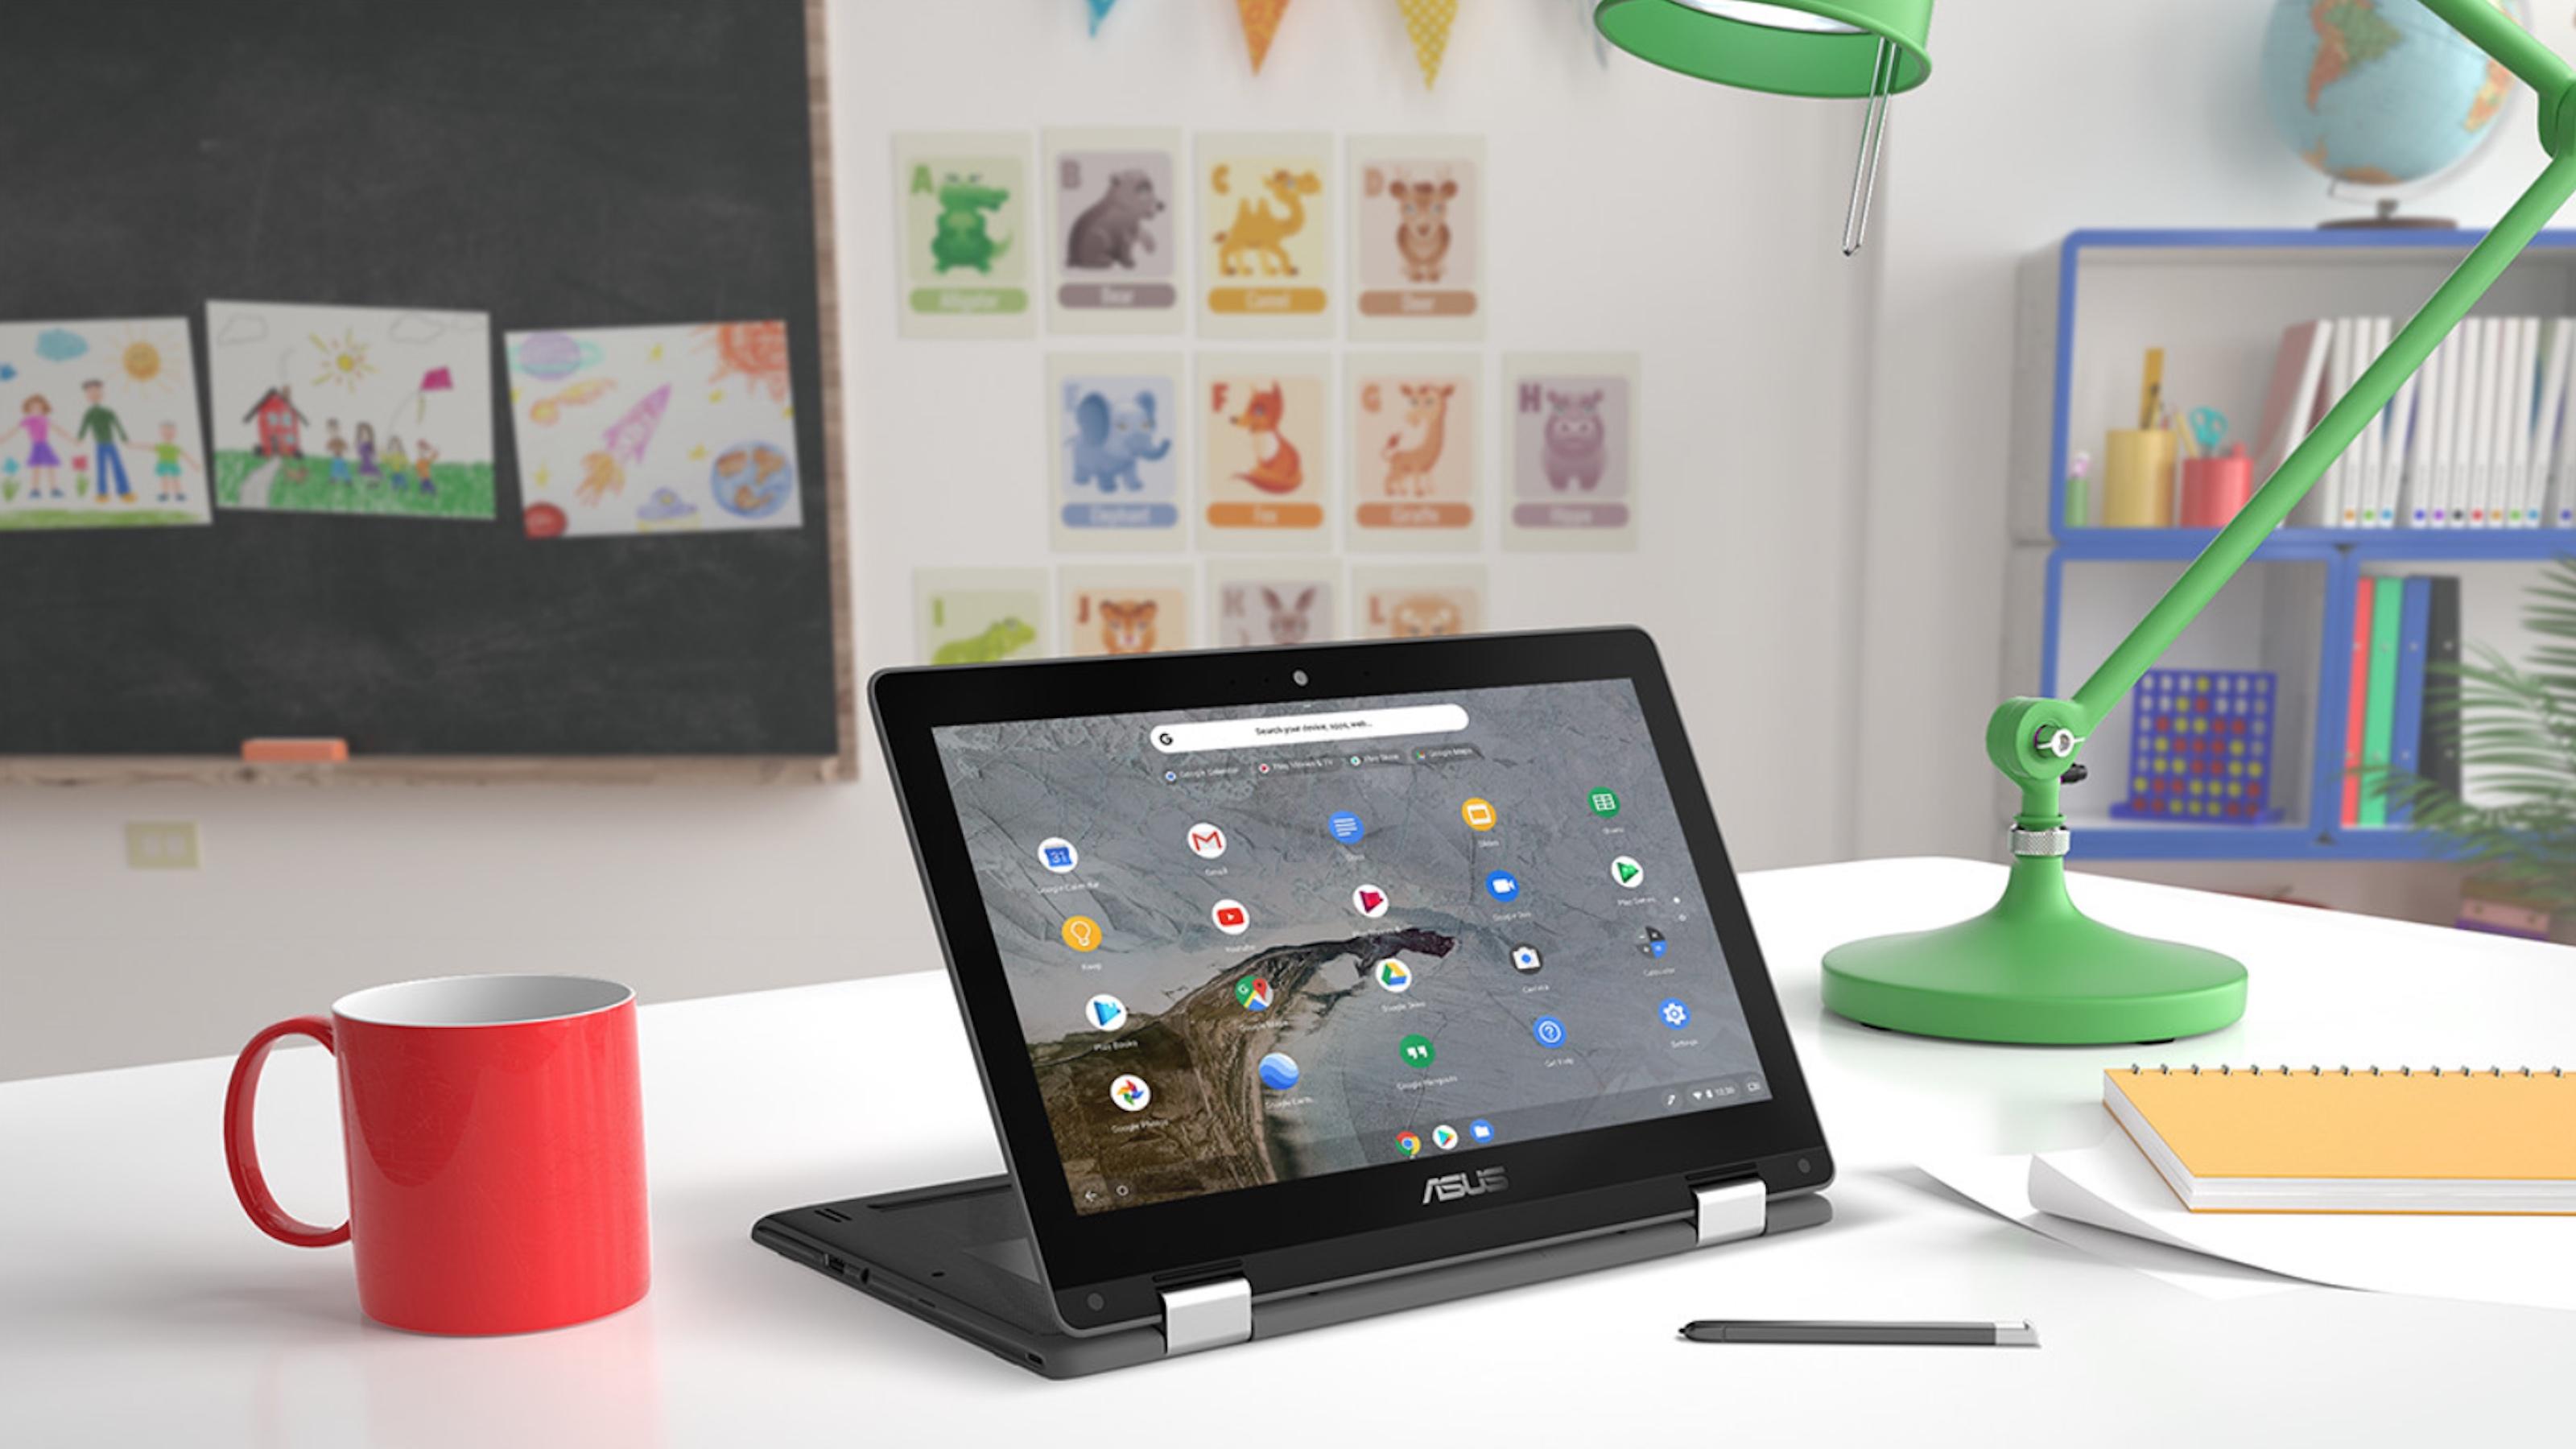 Back To School 2020 The 10 Best Laptops For Students Kiplinger